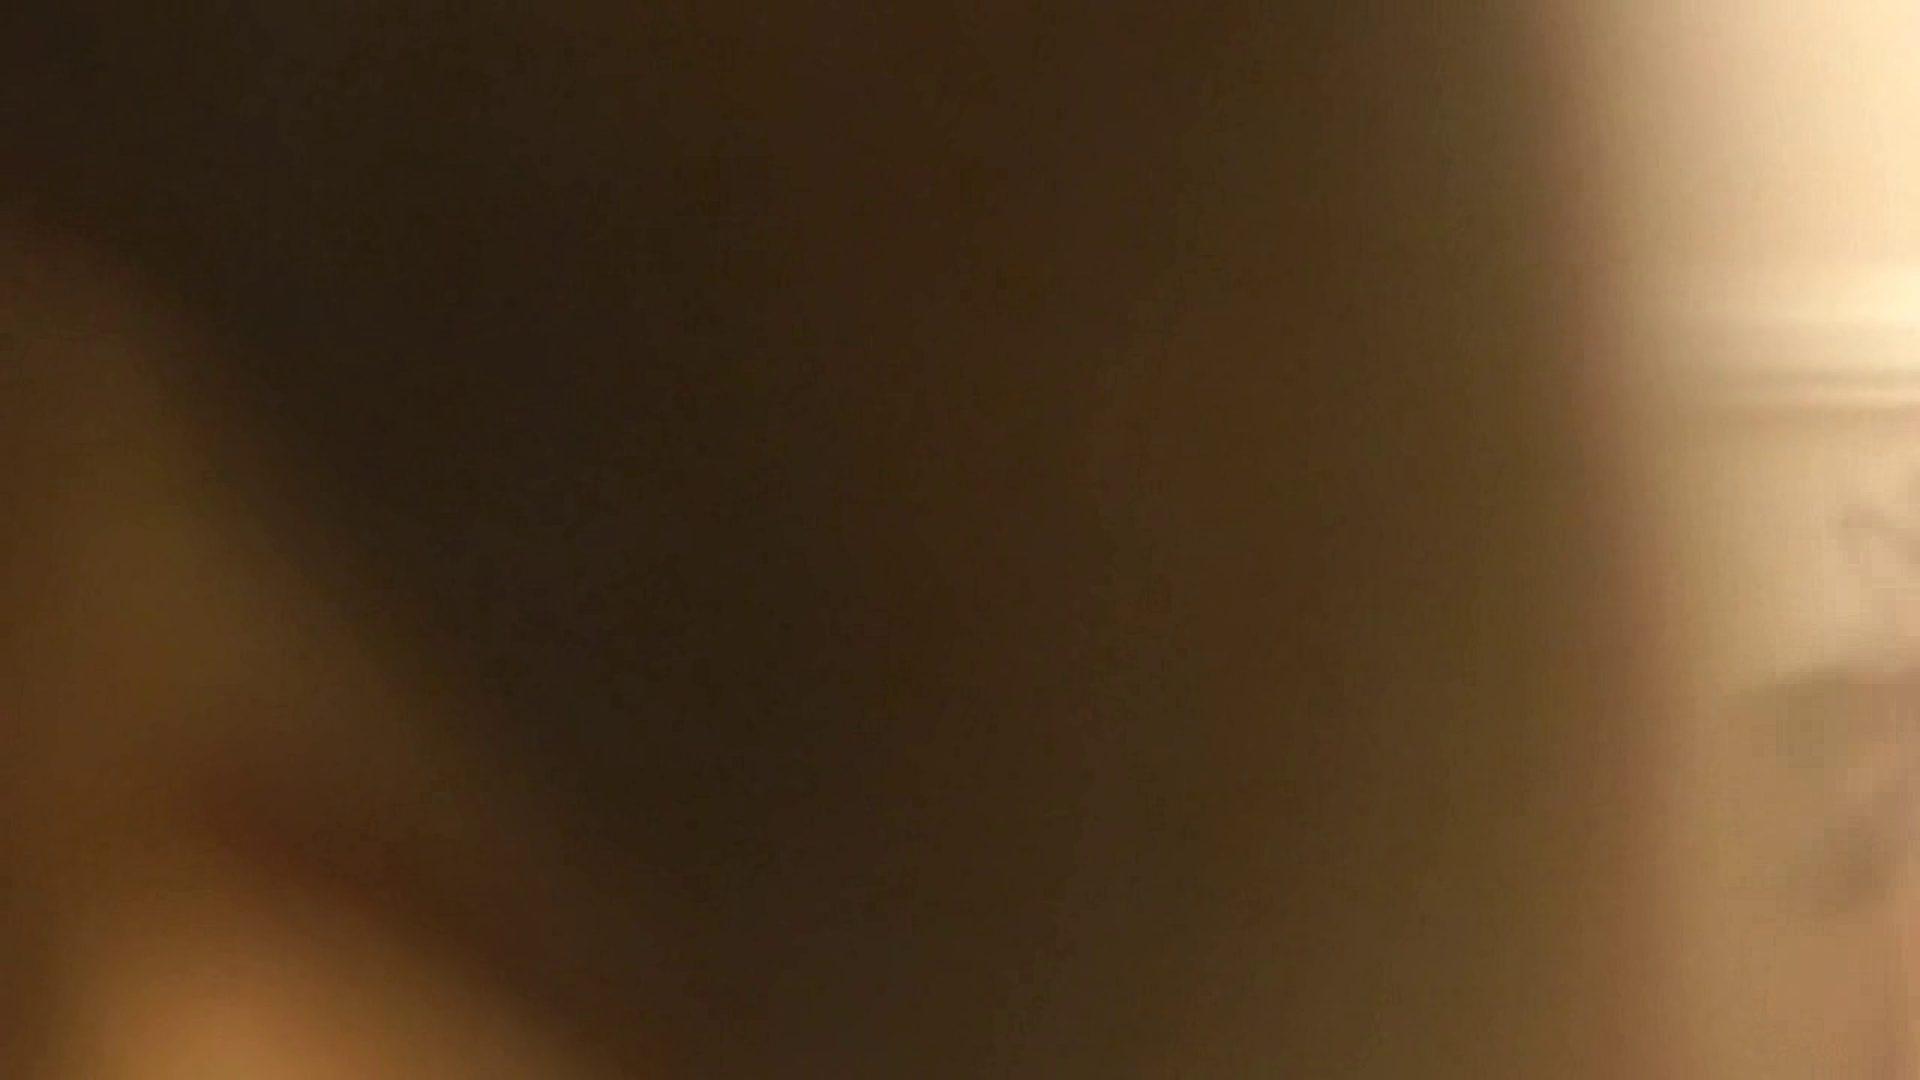 vol.1 Mayumi 窓越しに入浴シーン撮影に成功 OL   入浴シーン  89連発 48